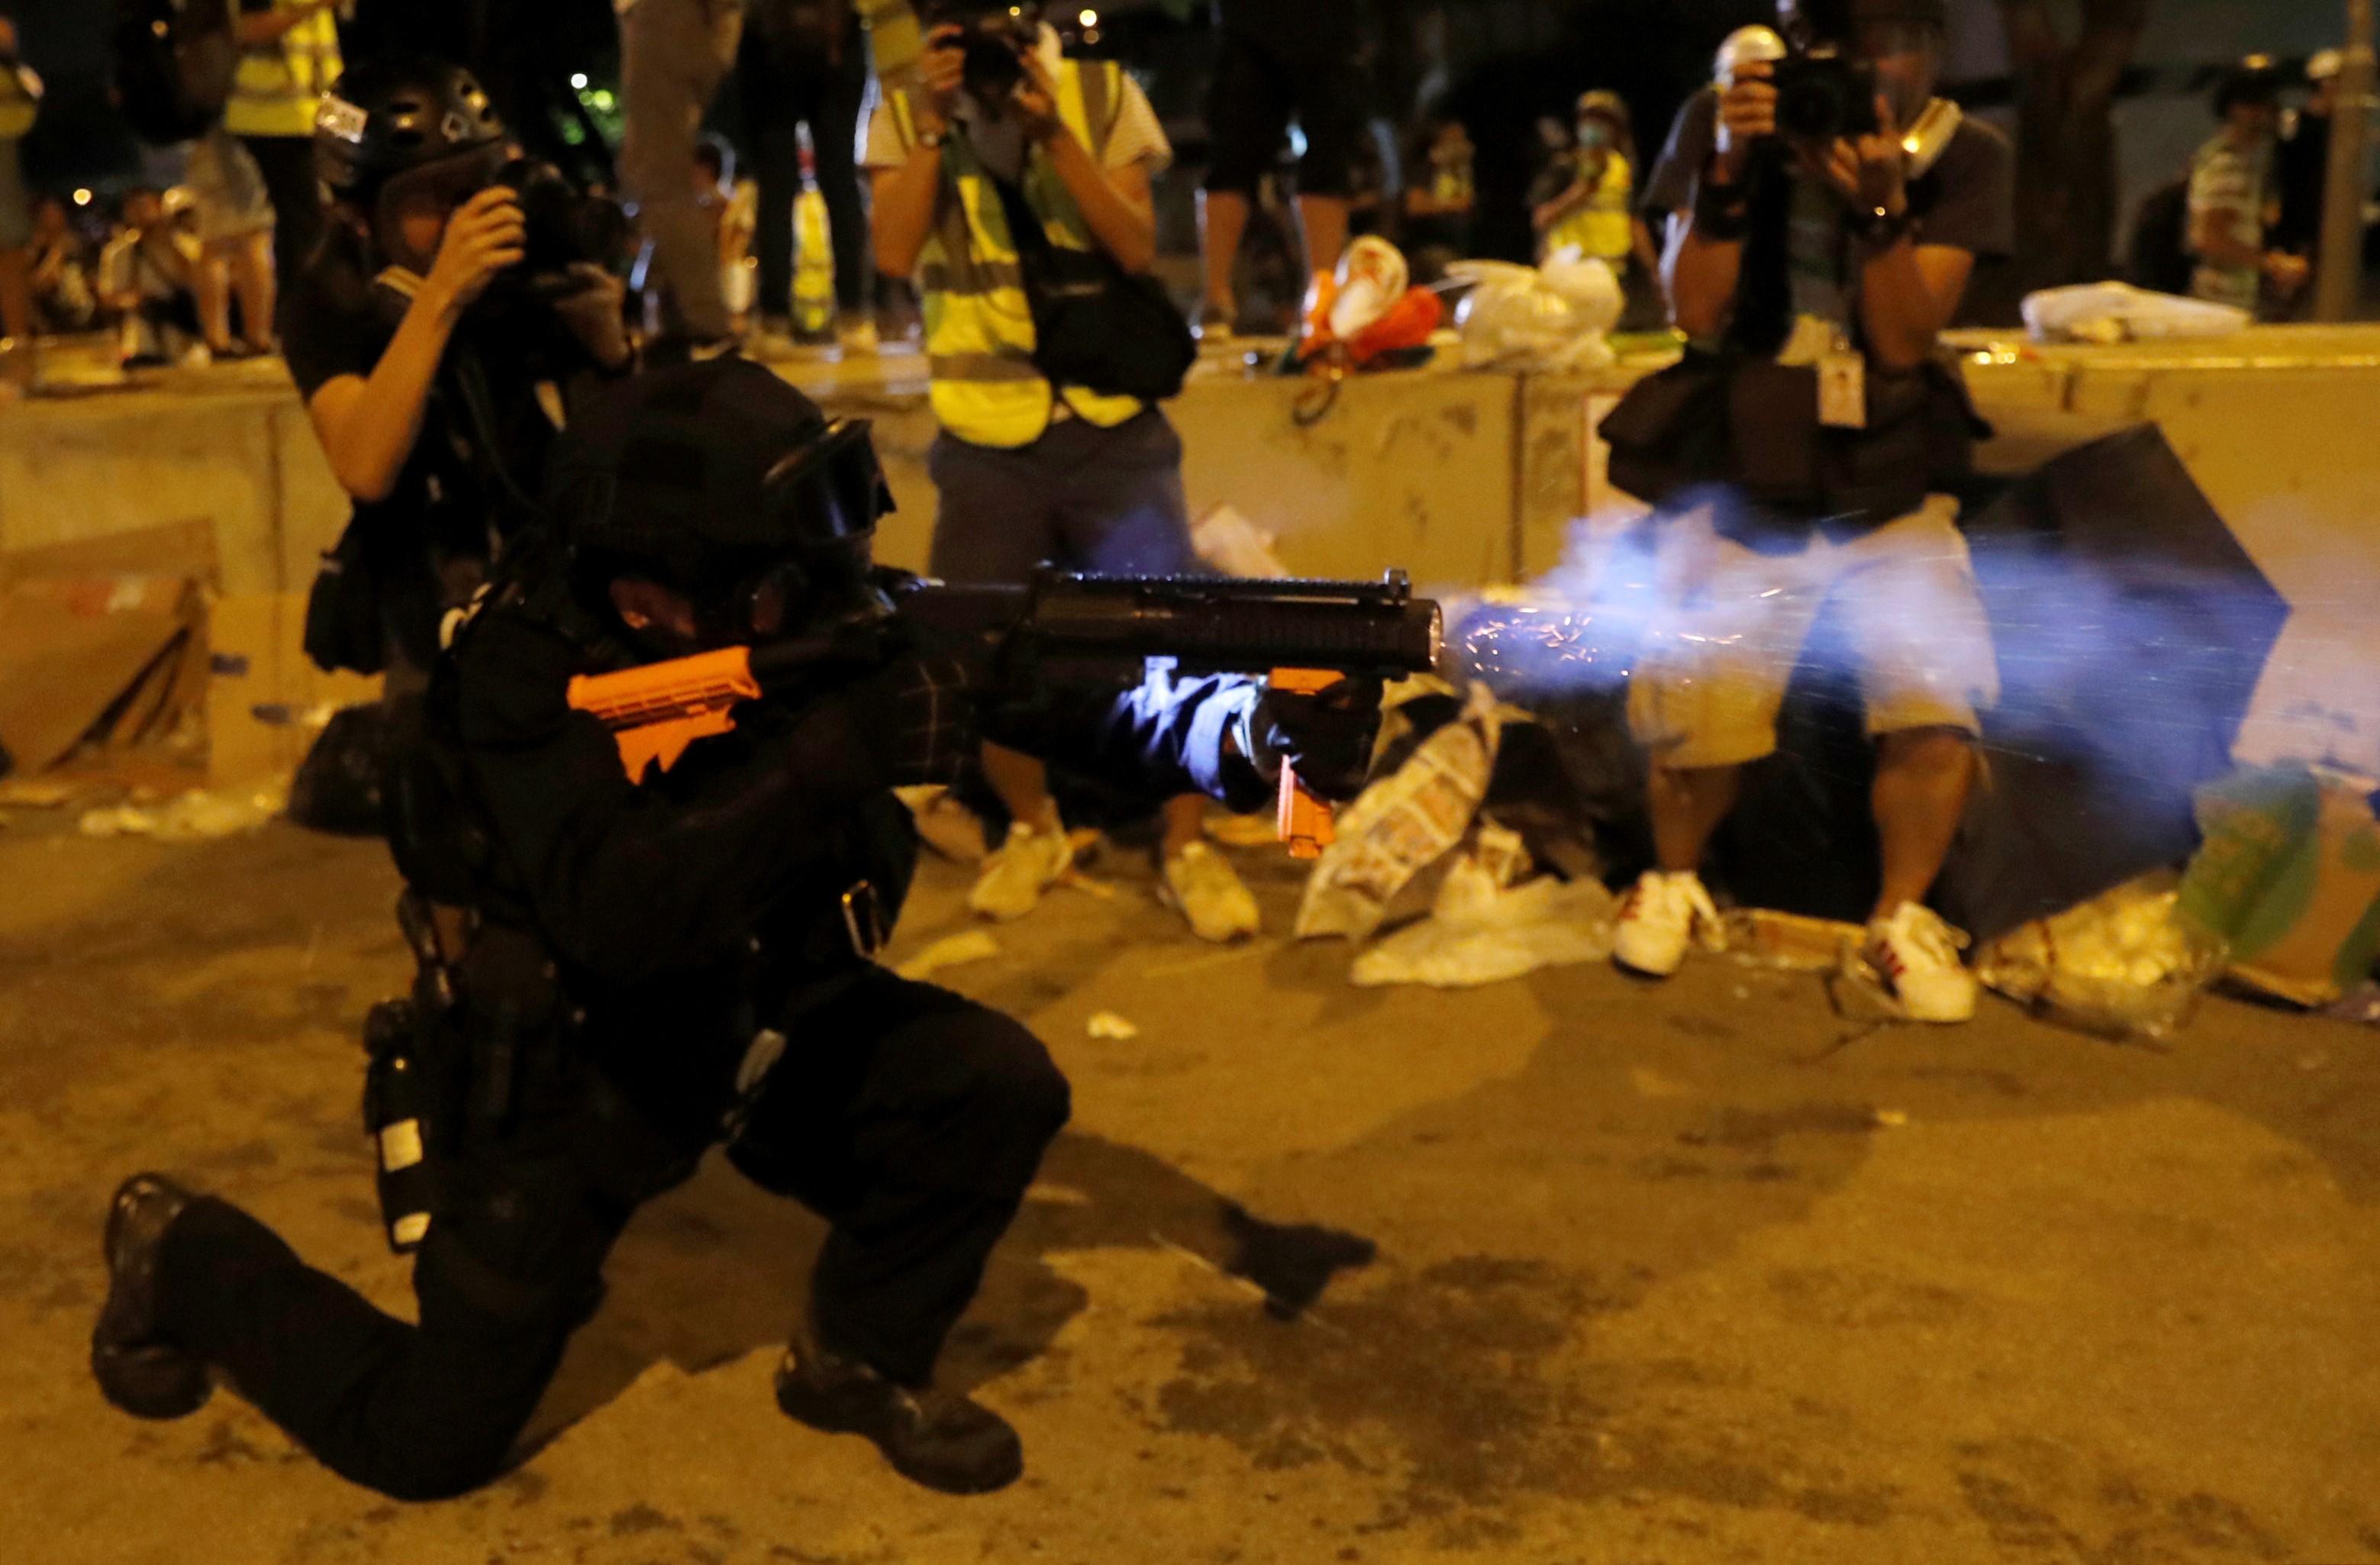 Un agente de la Policía lanza una granada de gas lacrimógeno en las adyacencias del edificio de la Legislatura para dispersar a los manifestantes